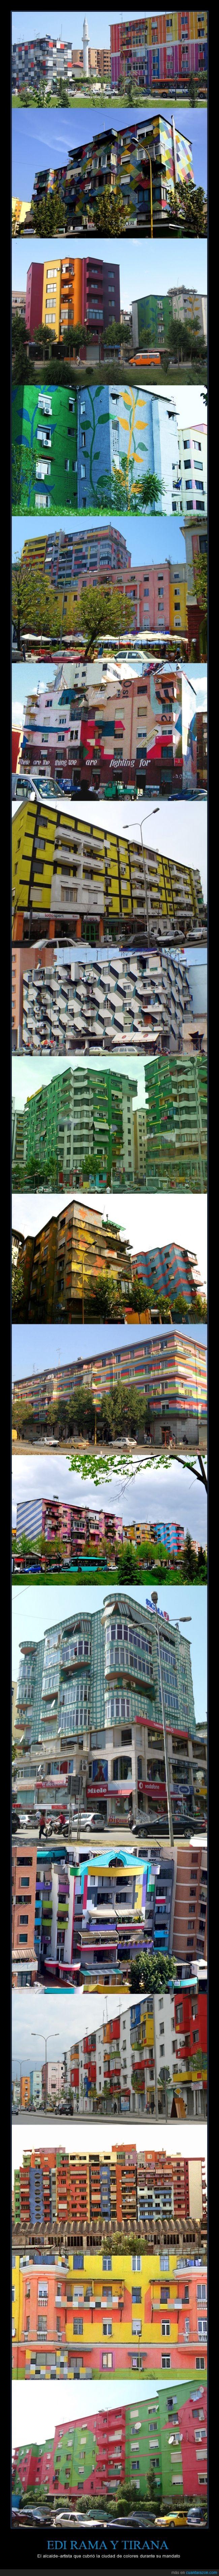 2000-2011,Albania,Alcalde,Arte,Artista,Ciudad,Civismo,Colores,Edi Rama,Edificios,Europa,Proyecto,Tirana